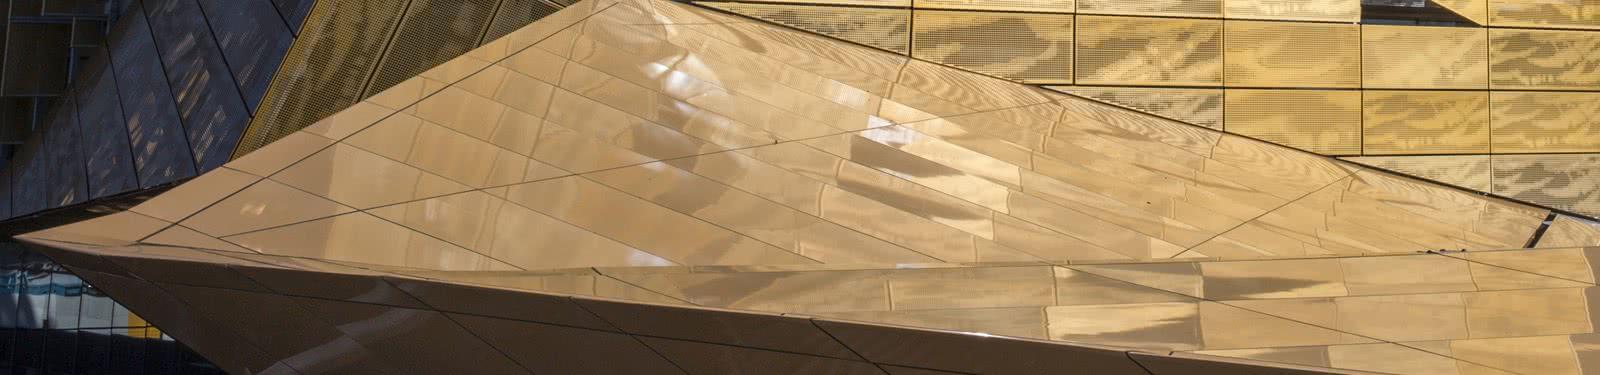 denmac-ecu-joondalup-cladding-feature-banner